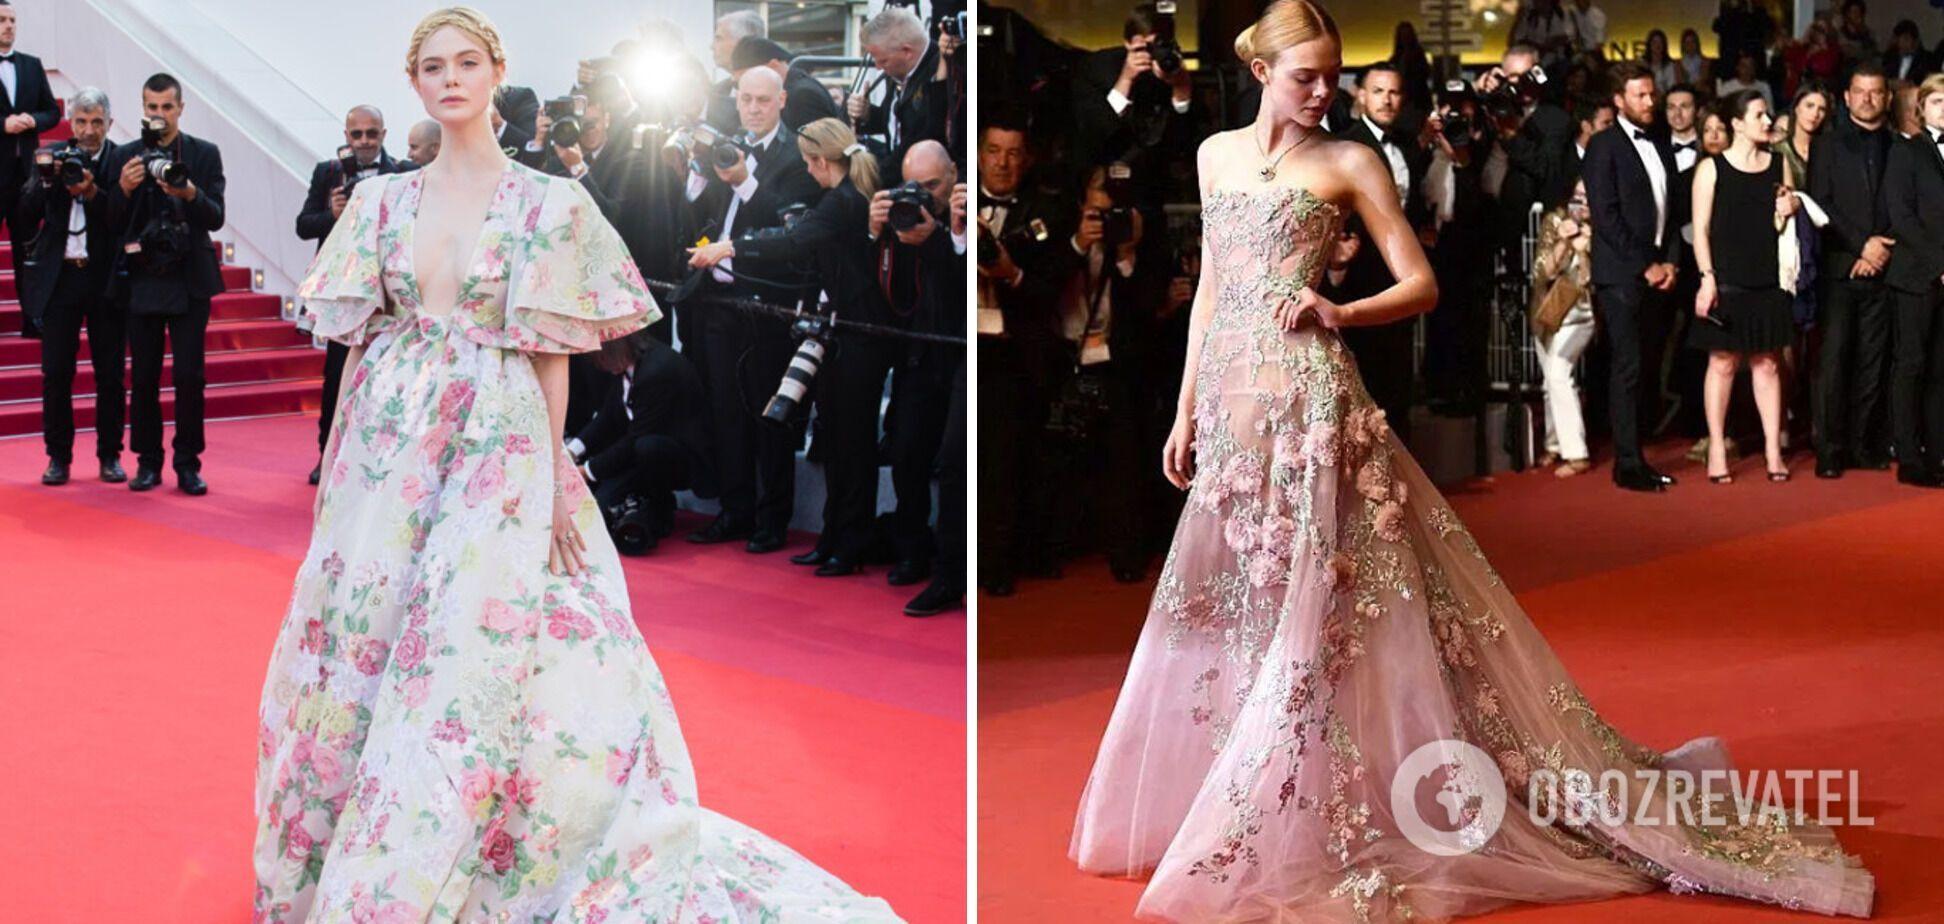 Эль Фаннинг надела платье с цветочным принтом.